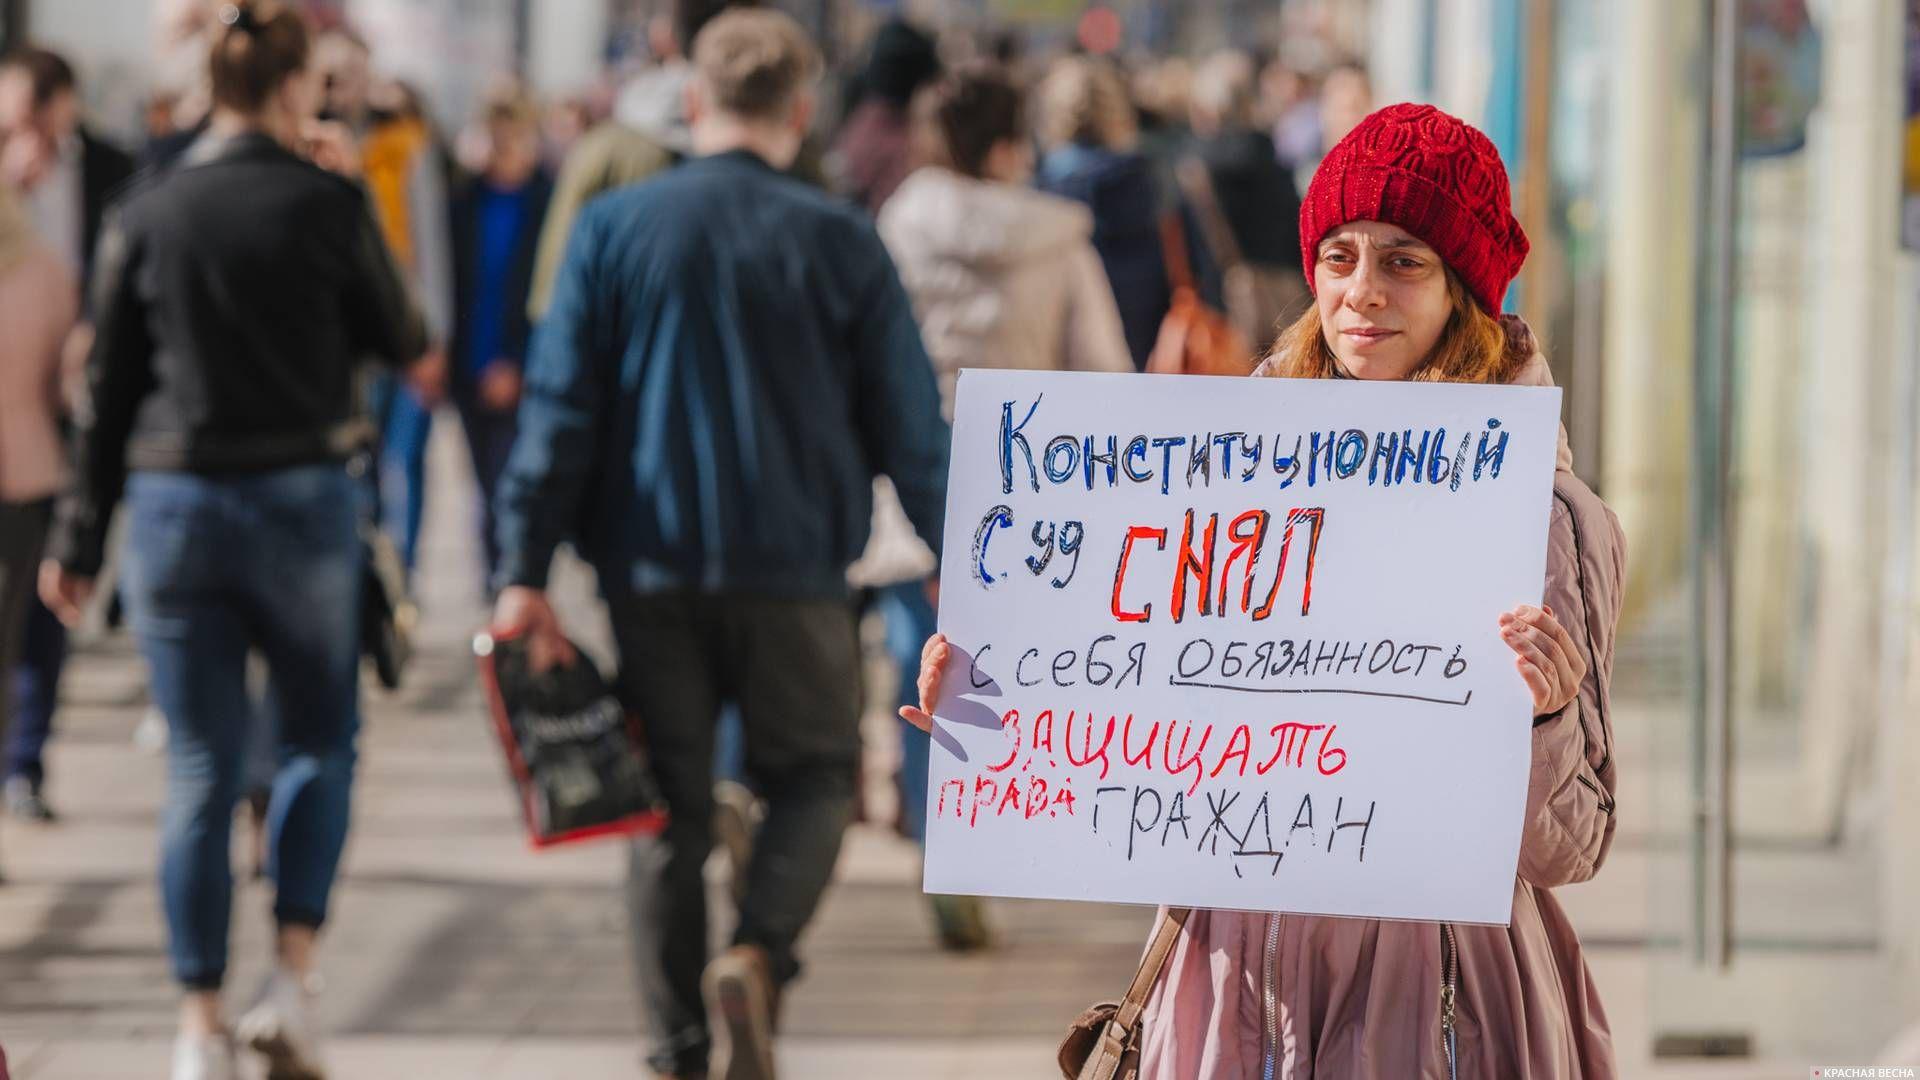 Пикет на Невском проспекте. Петербург. 06.04.2019